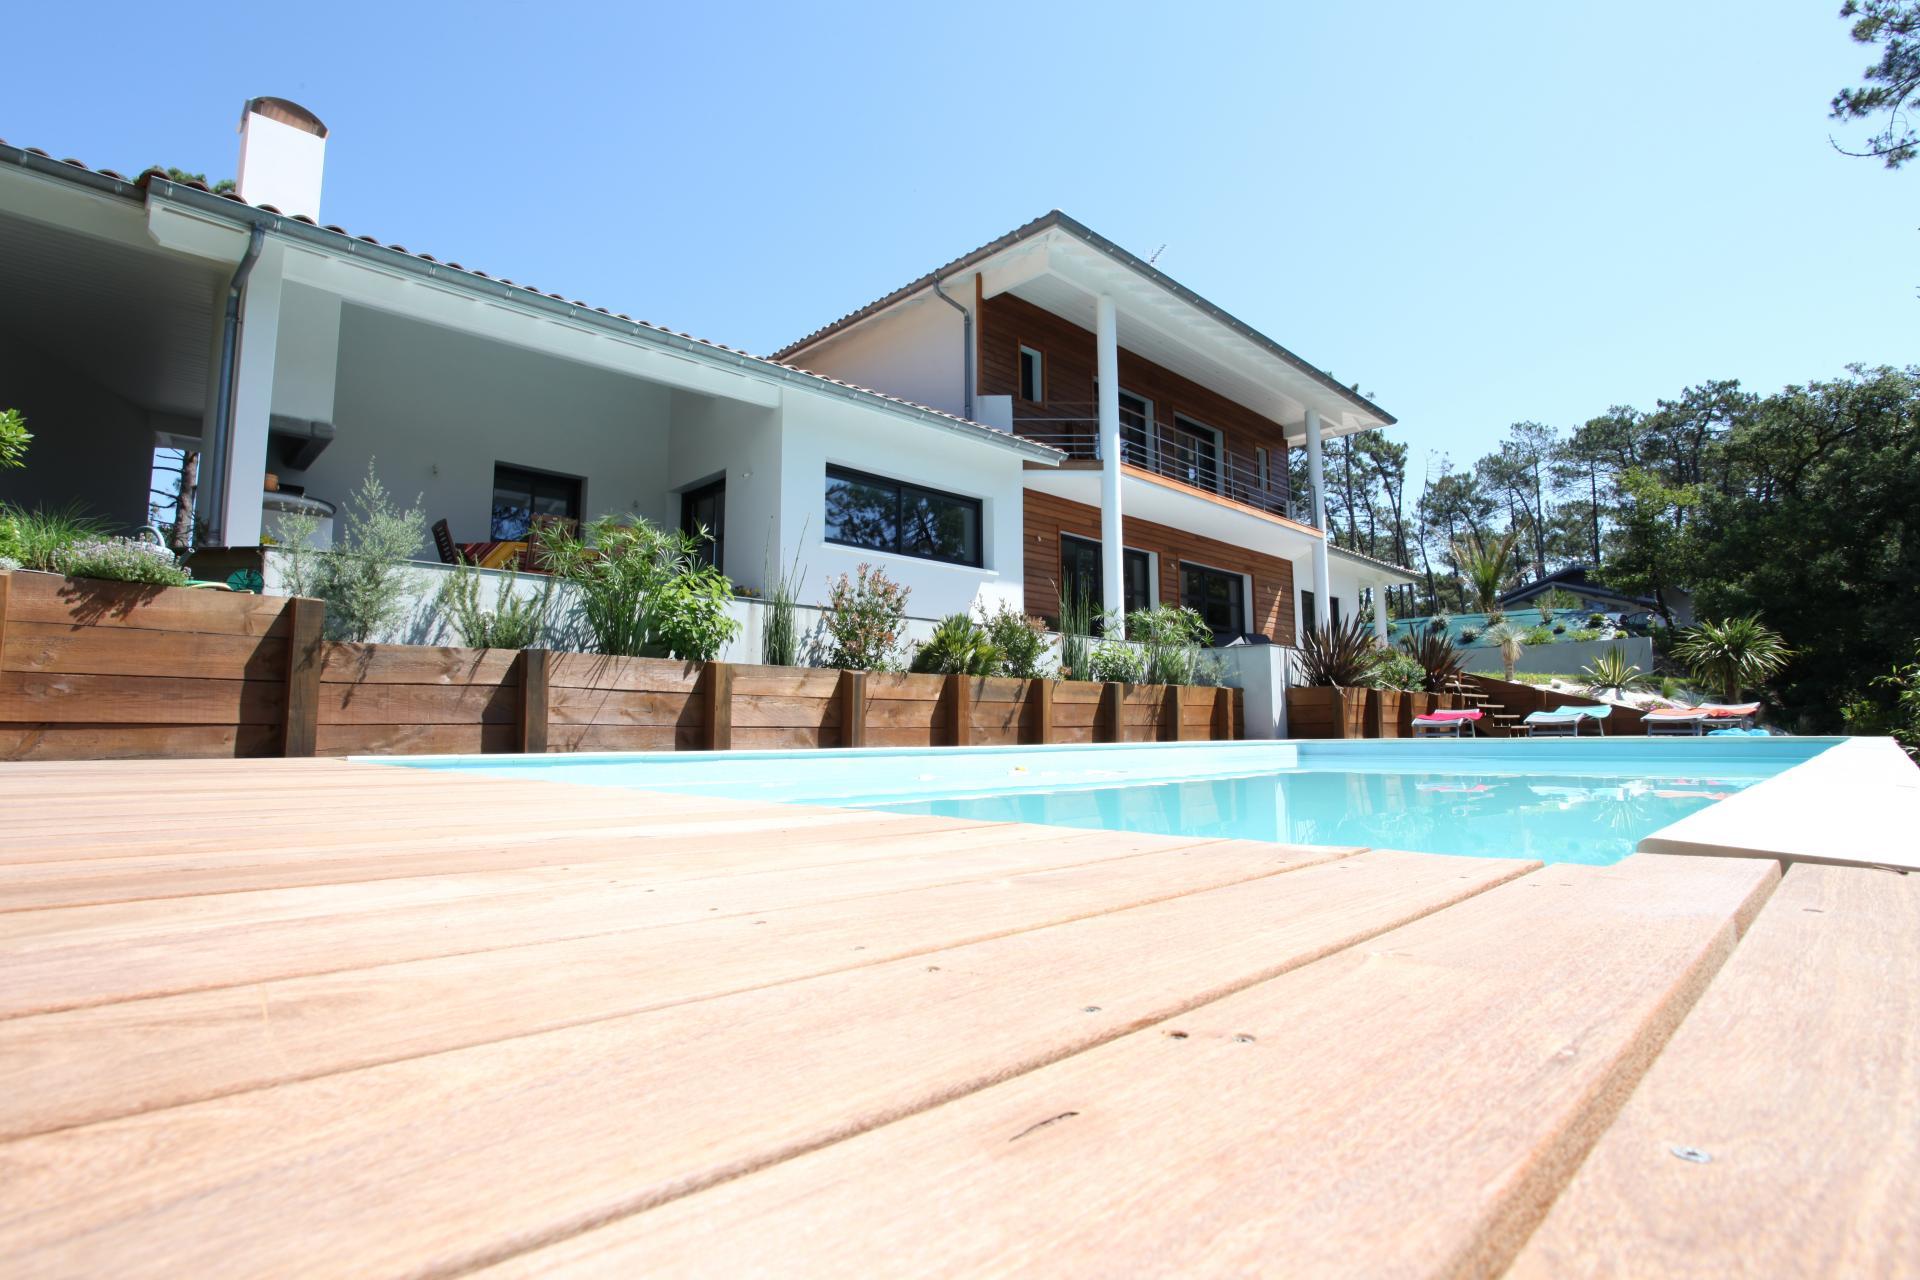 Constructeur de maison landes pays basque accueil for Constructeur maison basque